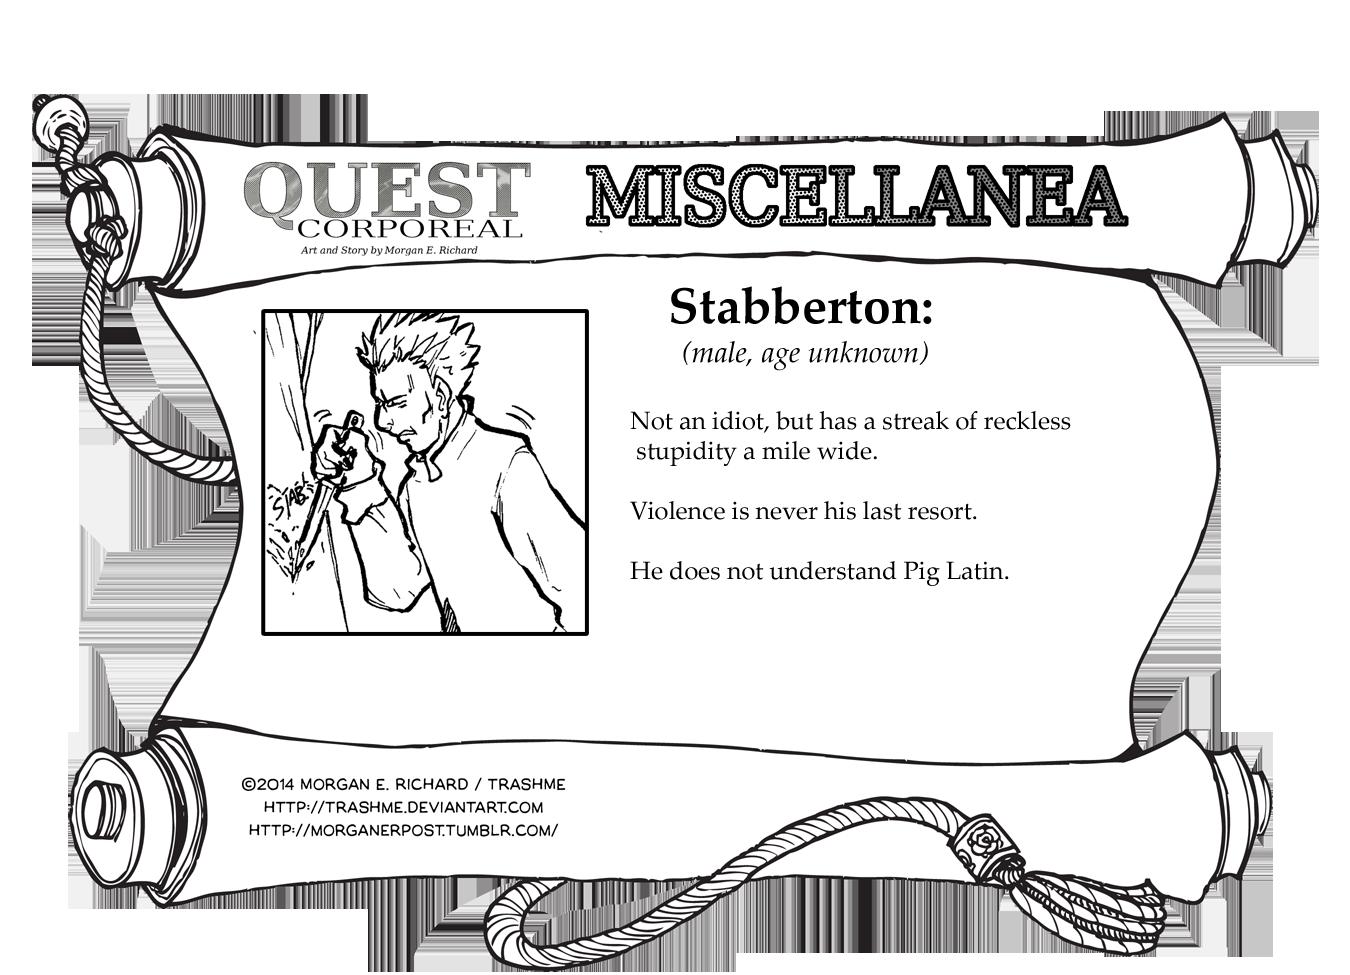 Miscellanea Corporeal: Stabberton